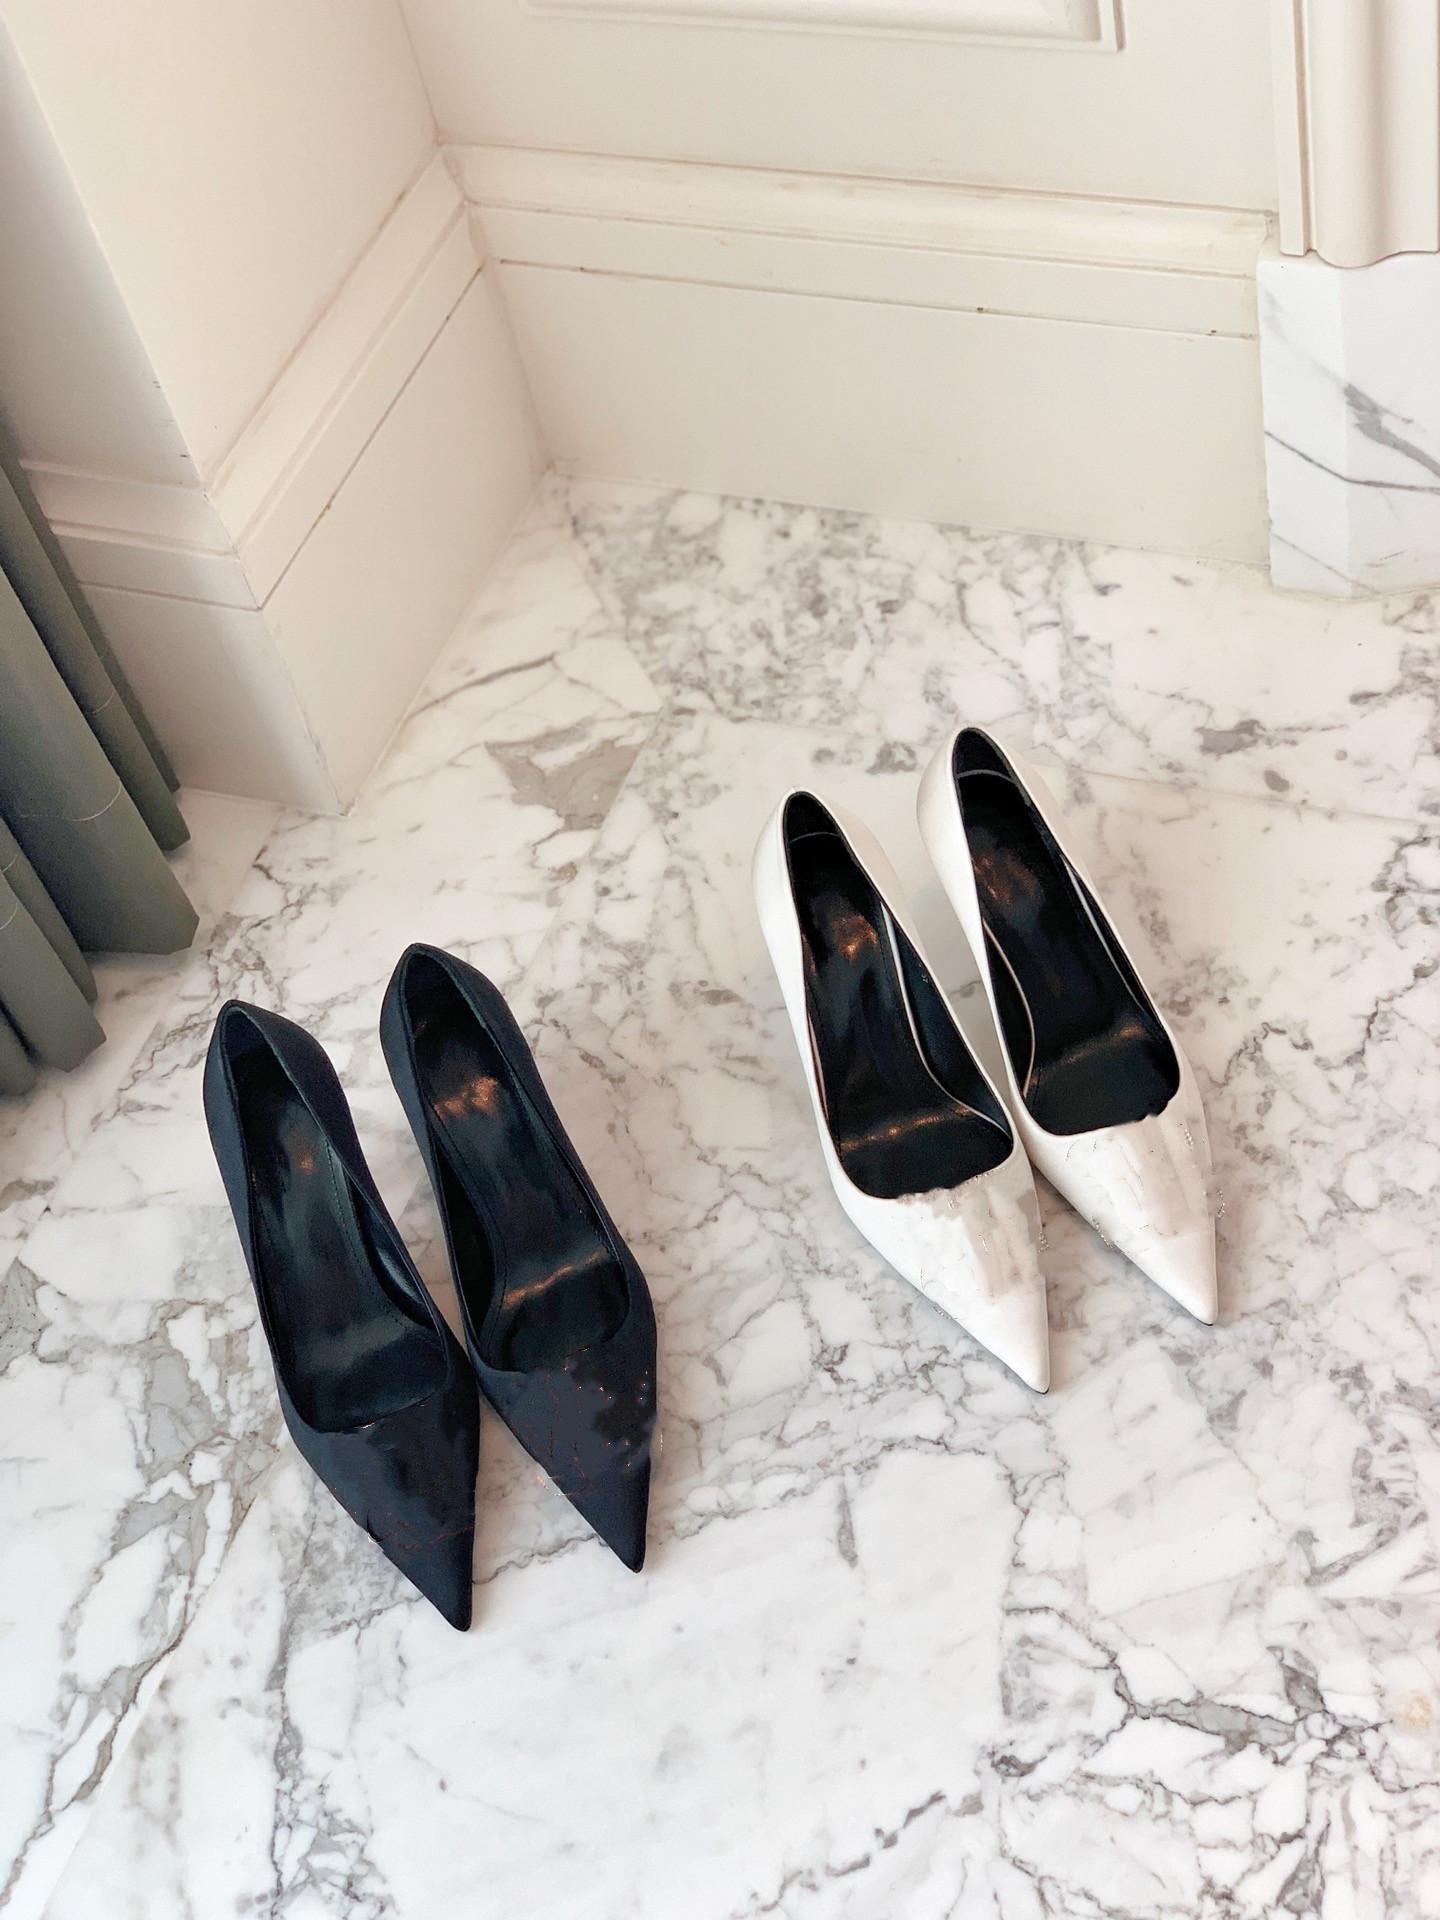 거품 러너 2021 봄과 가을 뾰족한 샌들이 높은 굽의 스틸레토스 실크 새틴 패브릭 얕은 입 단일 신발 여성 크기 35-39